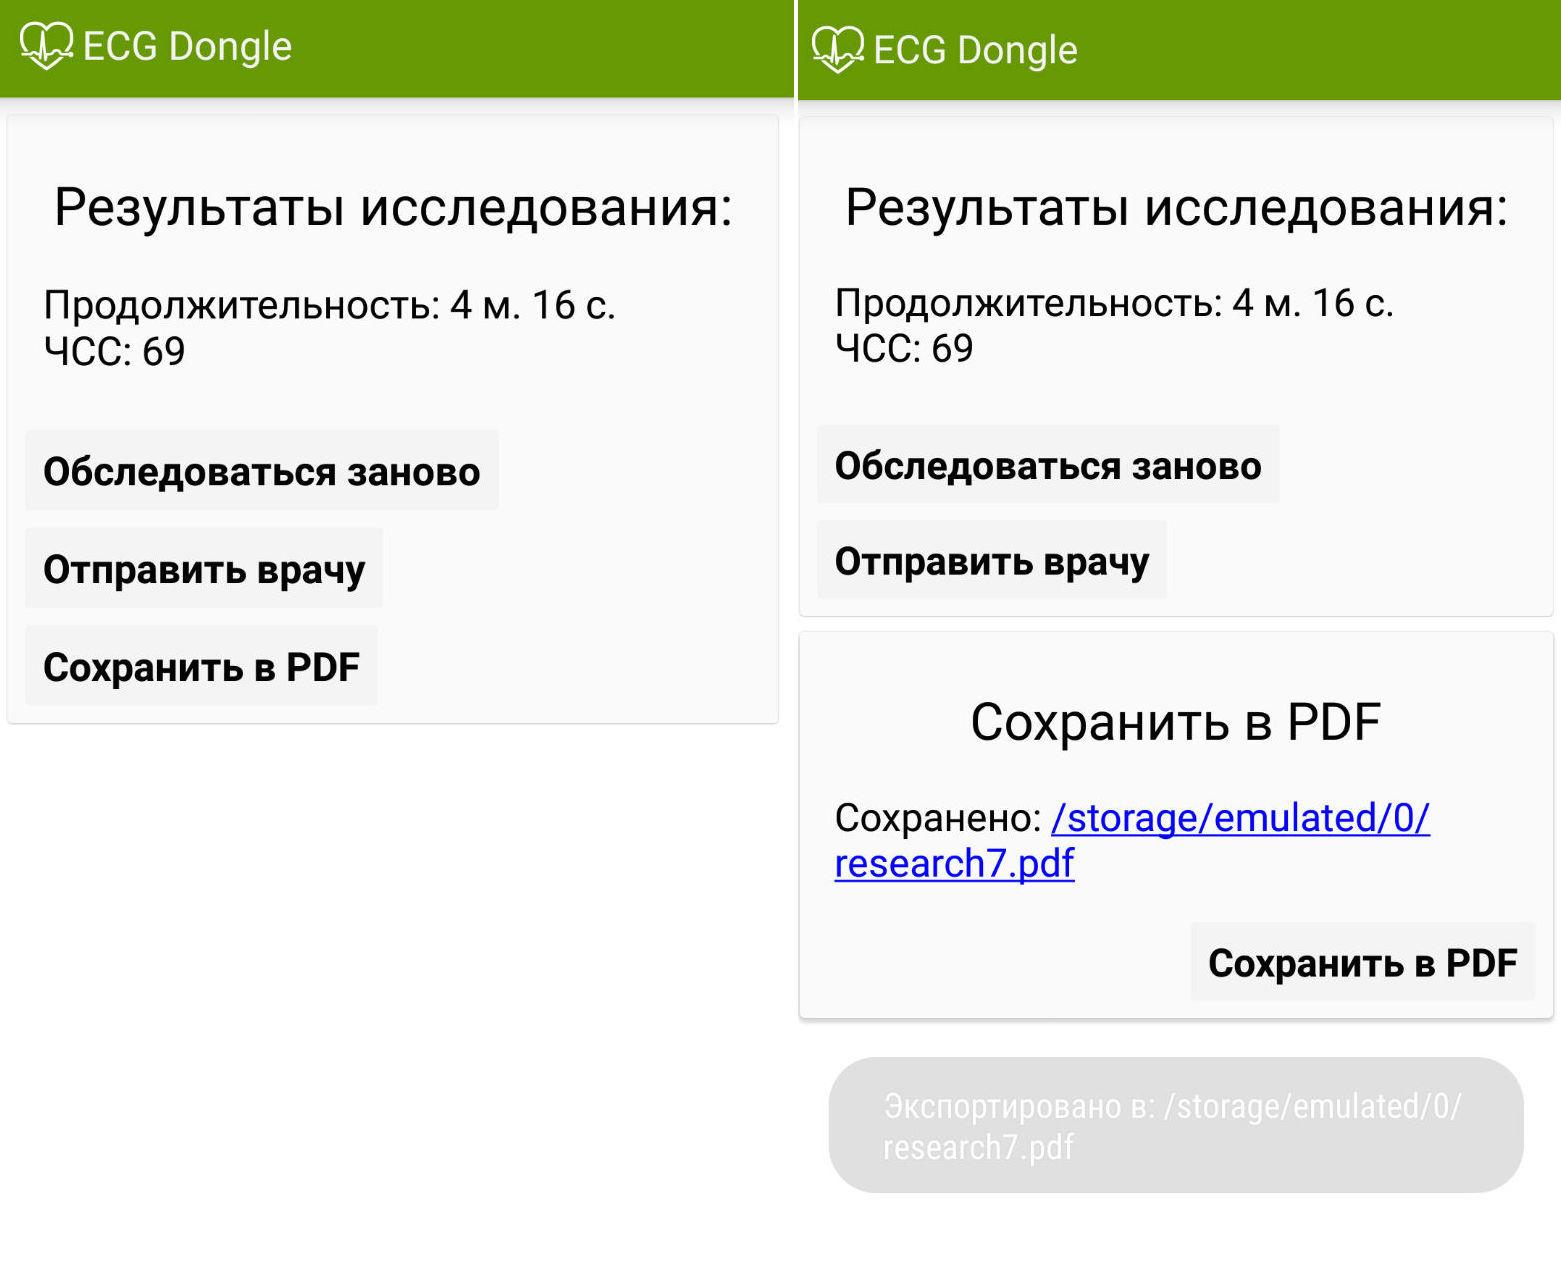 ЭКГ на дому, или сделано в России: отечественные разработчики представили кардиофлешку - 6